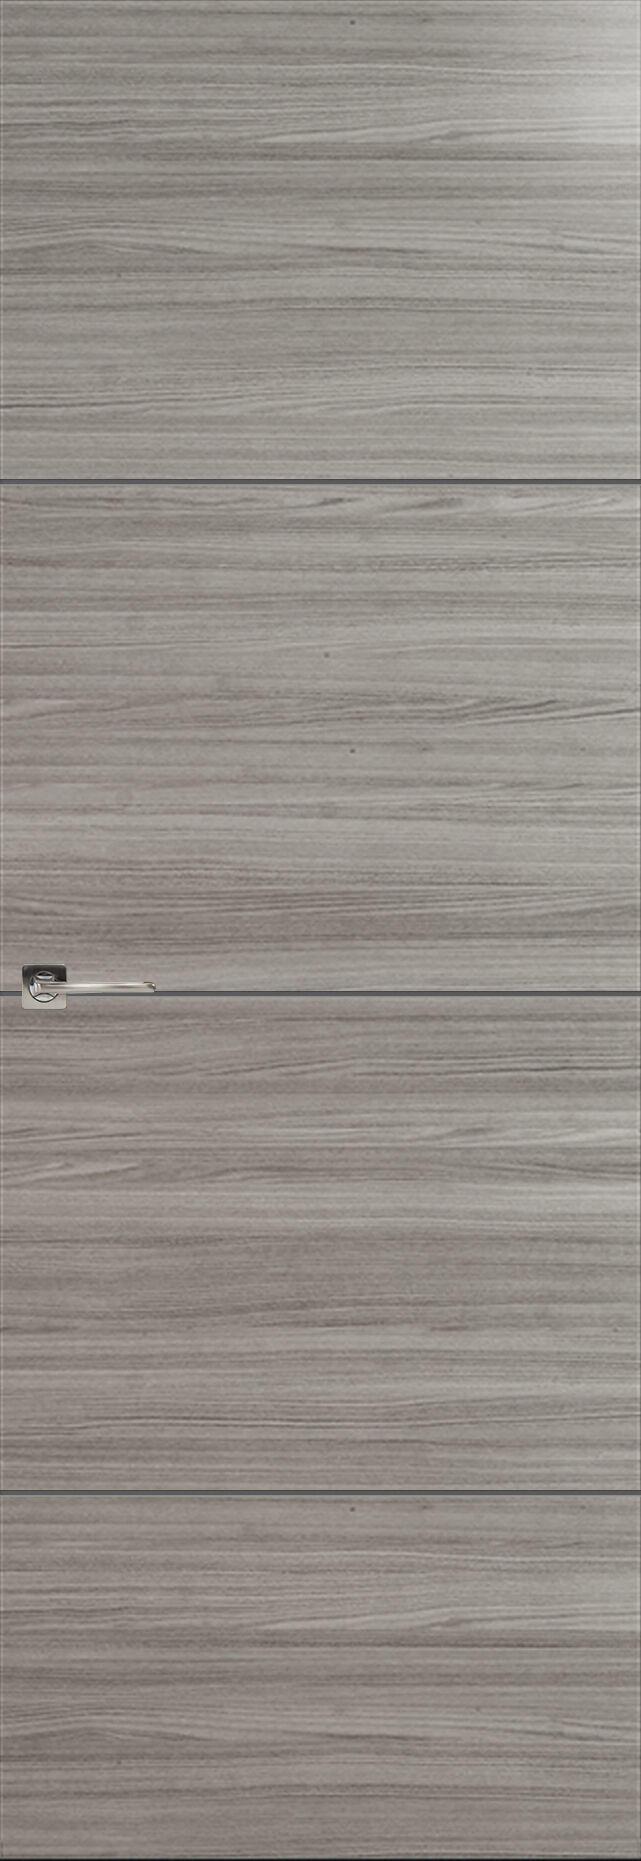 Tivoli Г-2 Невидимка цвет - Орех пепельный Без стекла (ДГ)